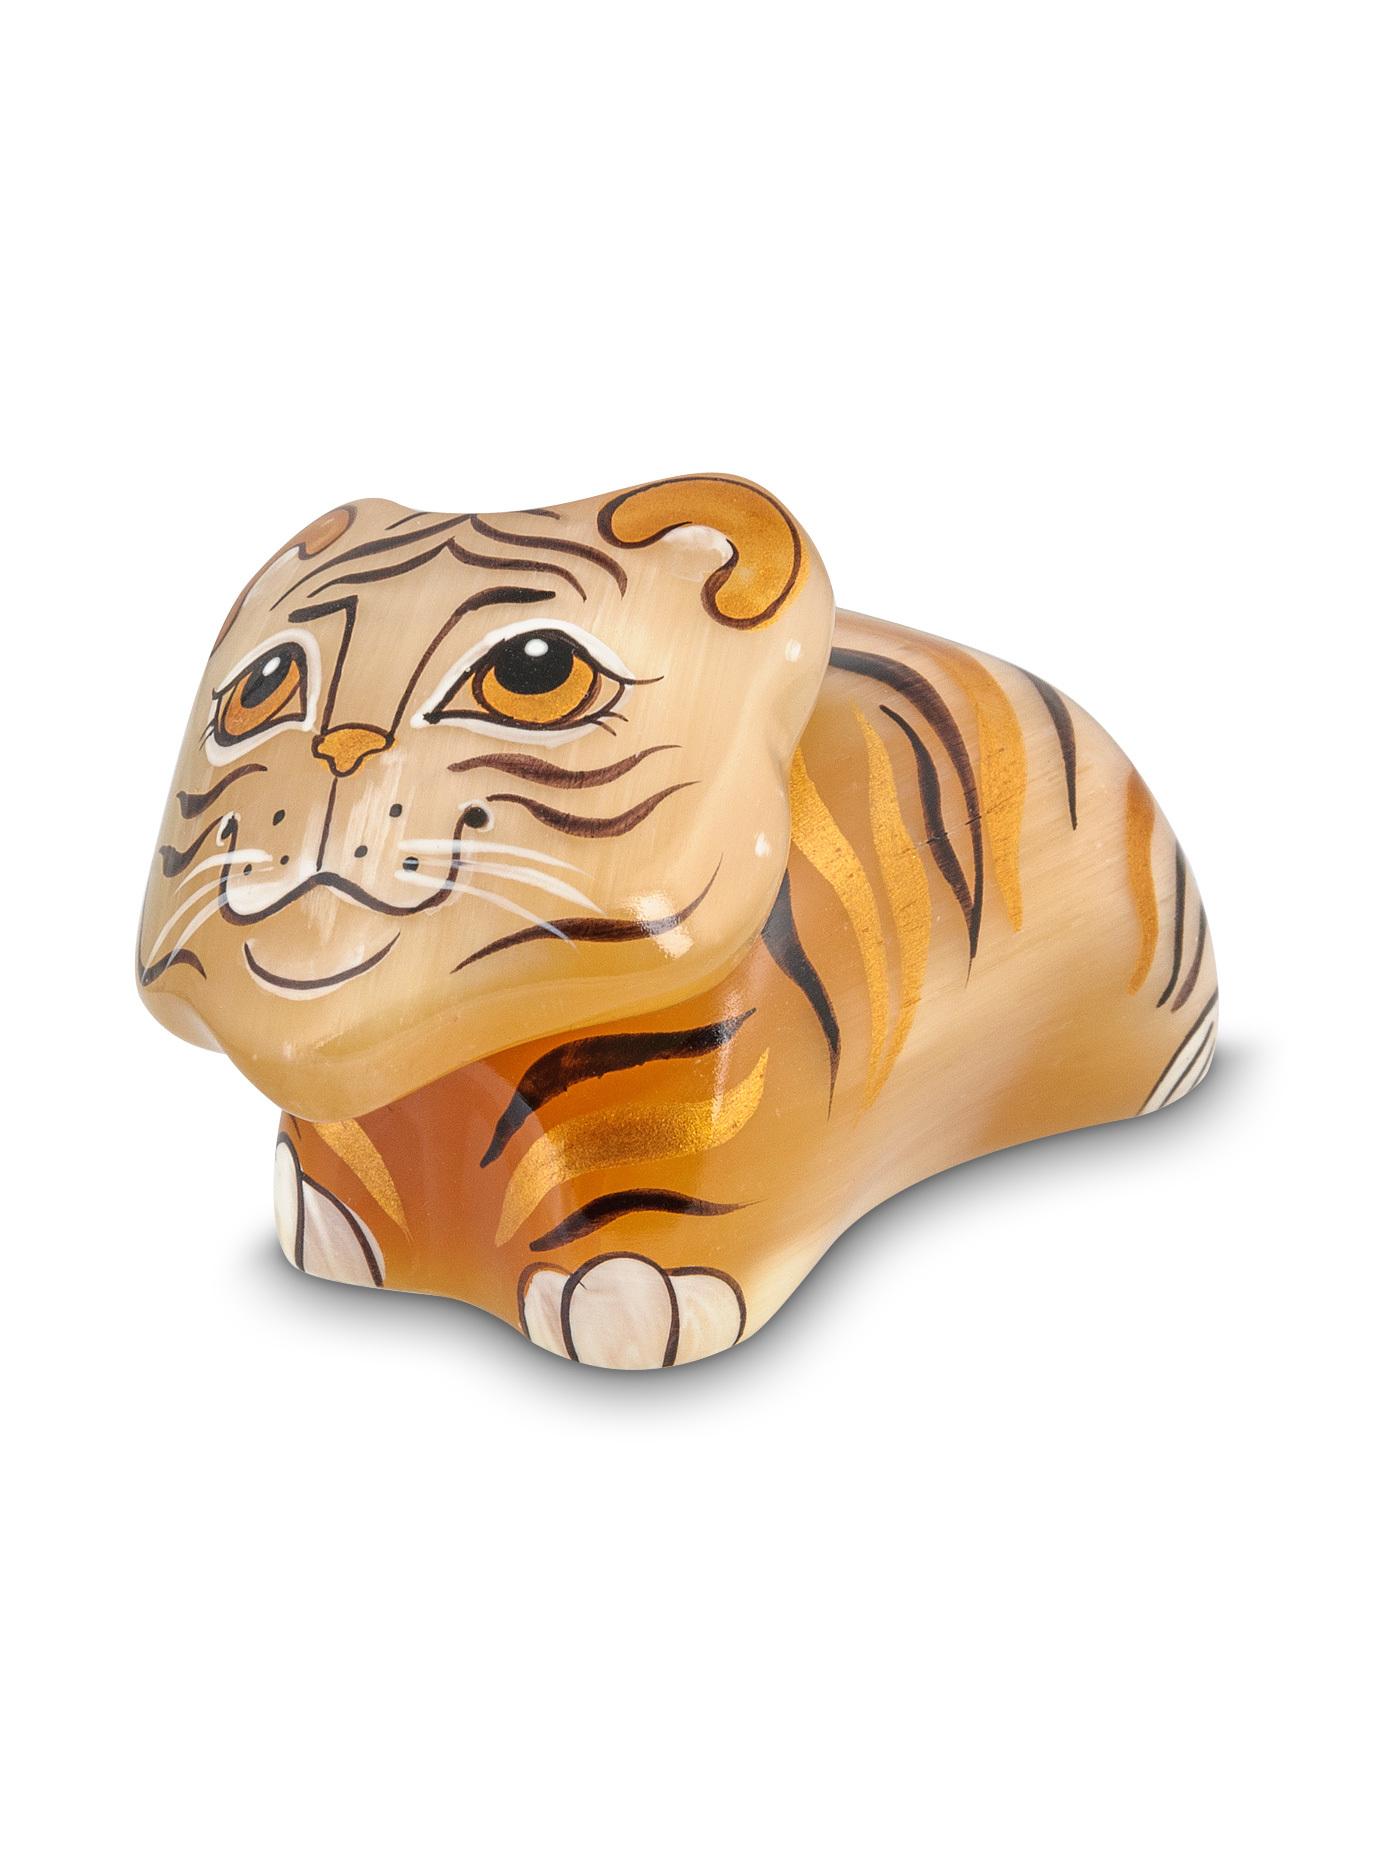 Тигр, символ нового, 2022, года, из натурального камня - селенита